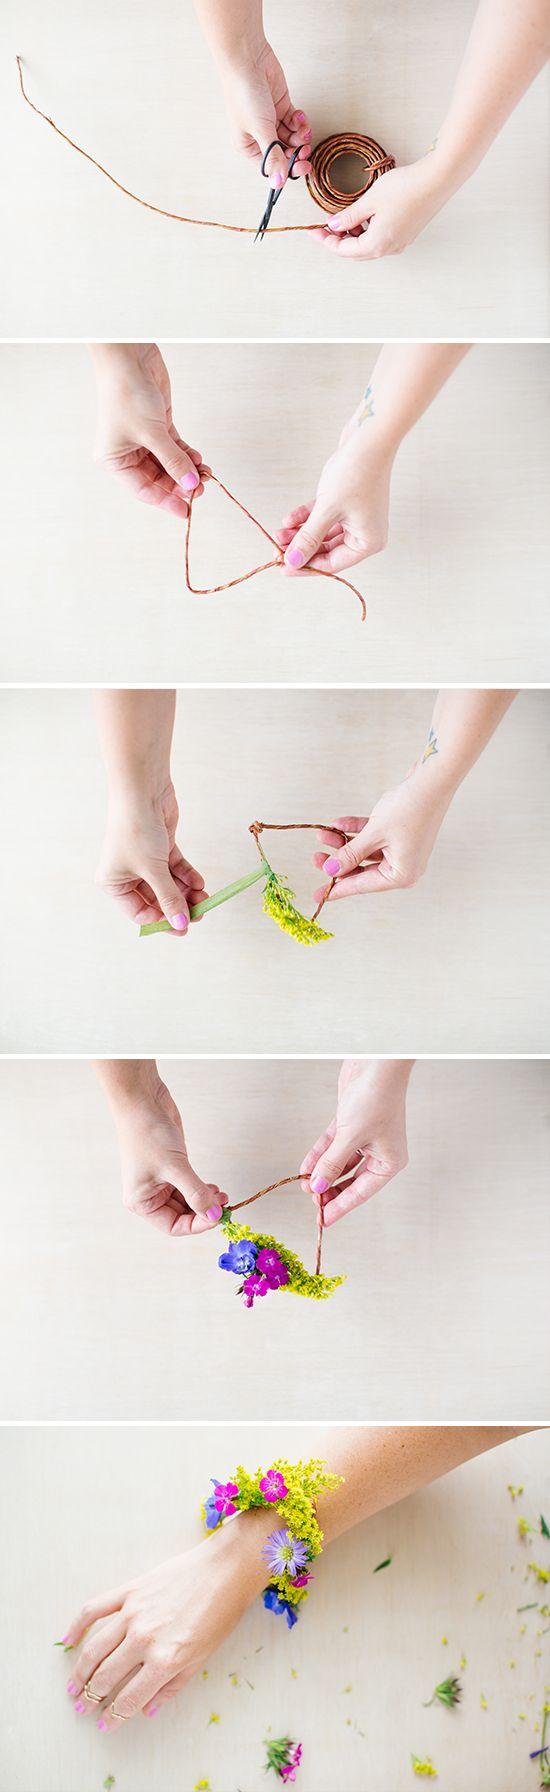 DIY : Un bracelet géométrique avec des fleurs